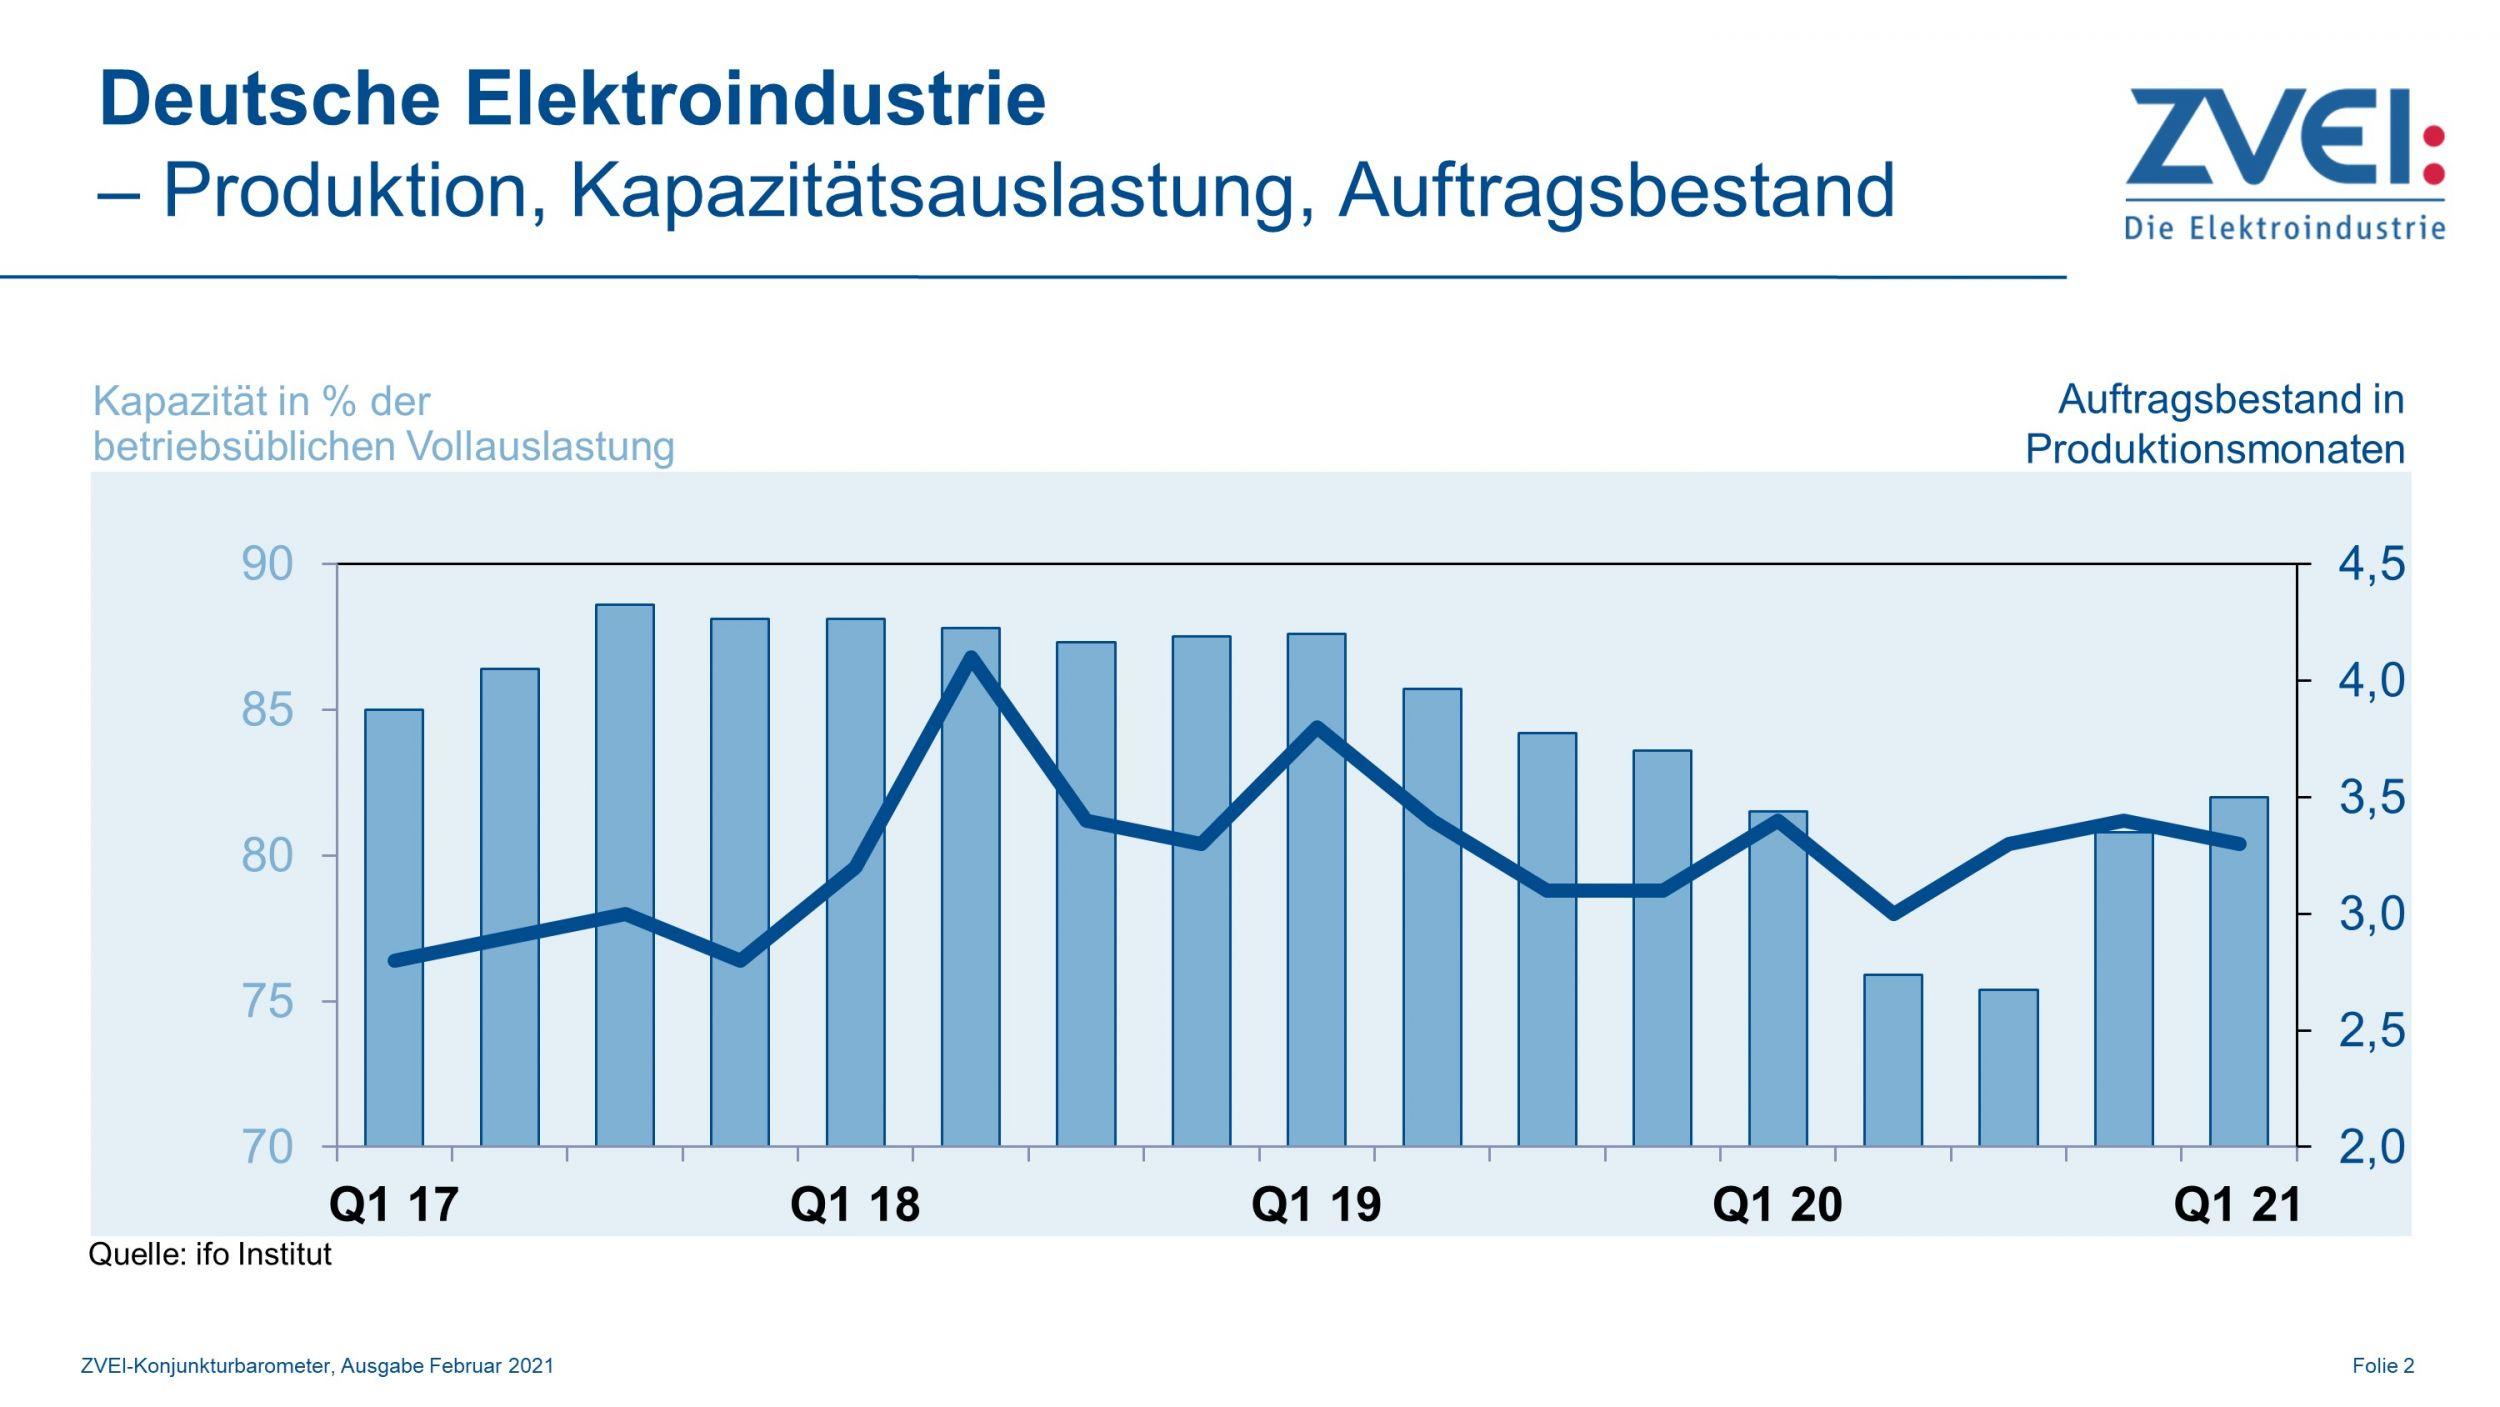 Kapazitätsauslastung in der deutschen Elektroindustrie im Januar